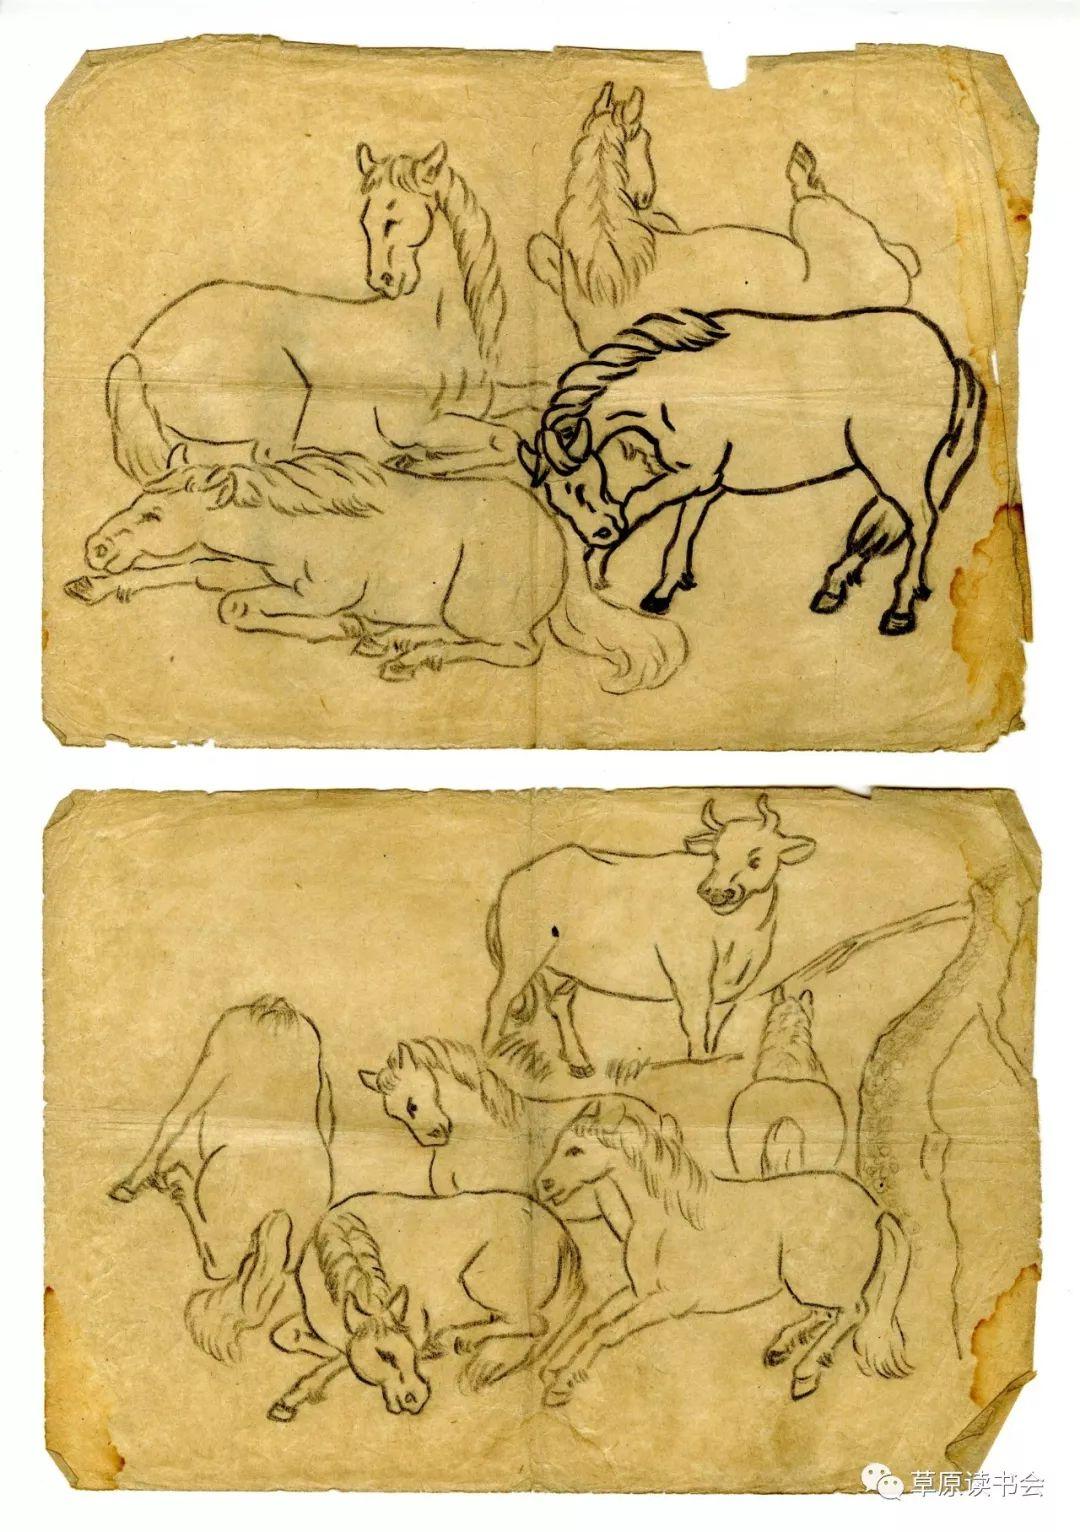 博彦和什克与他的蒙古族图案艺术 第20张 博彦和什克与他的蒙古族图案艺术 蒙古图案